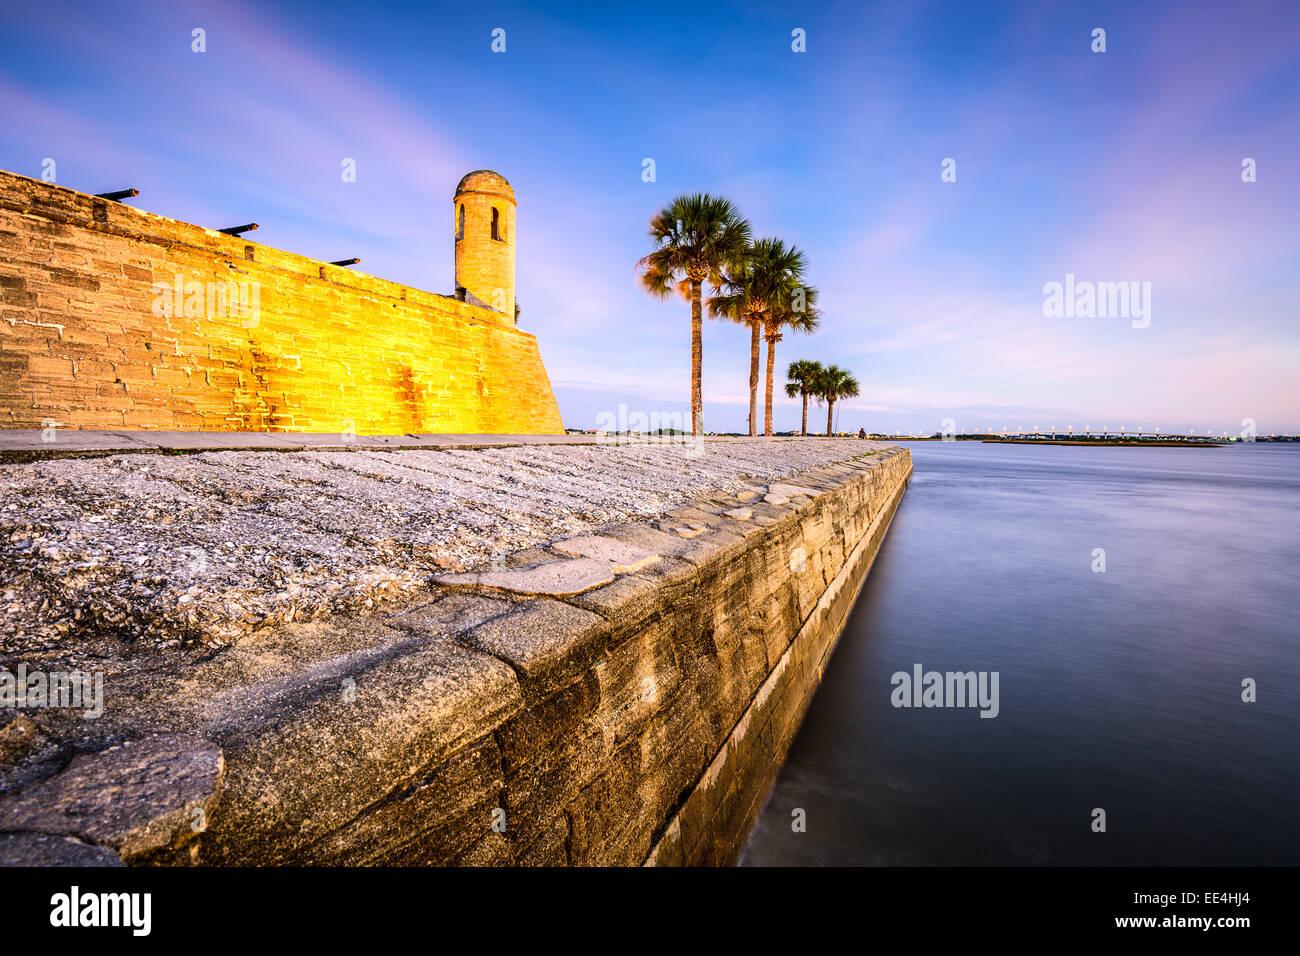 St. Augustine, Florida an das Castillo de San Marcos National Monument am Fluss Matanzas. Stockbild